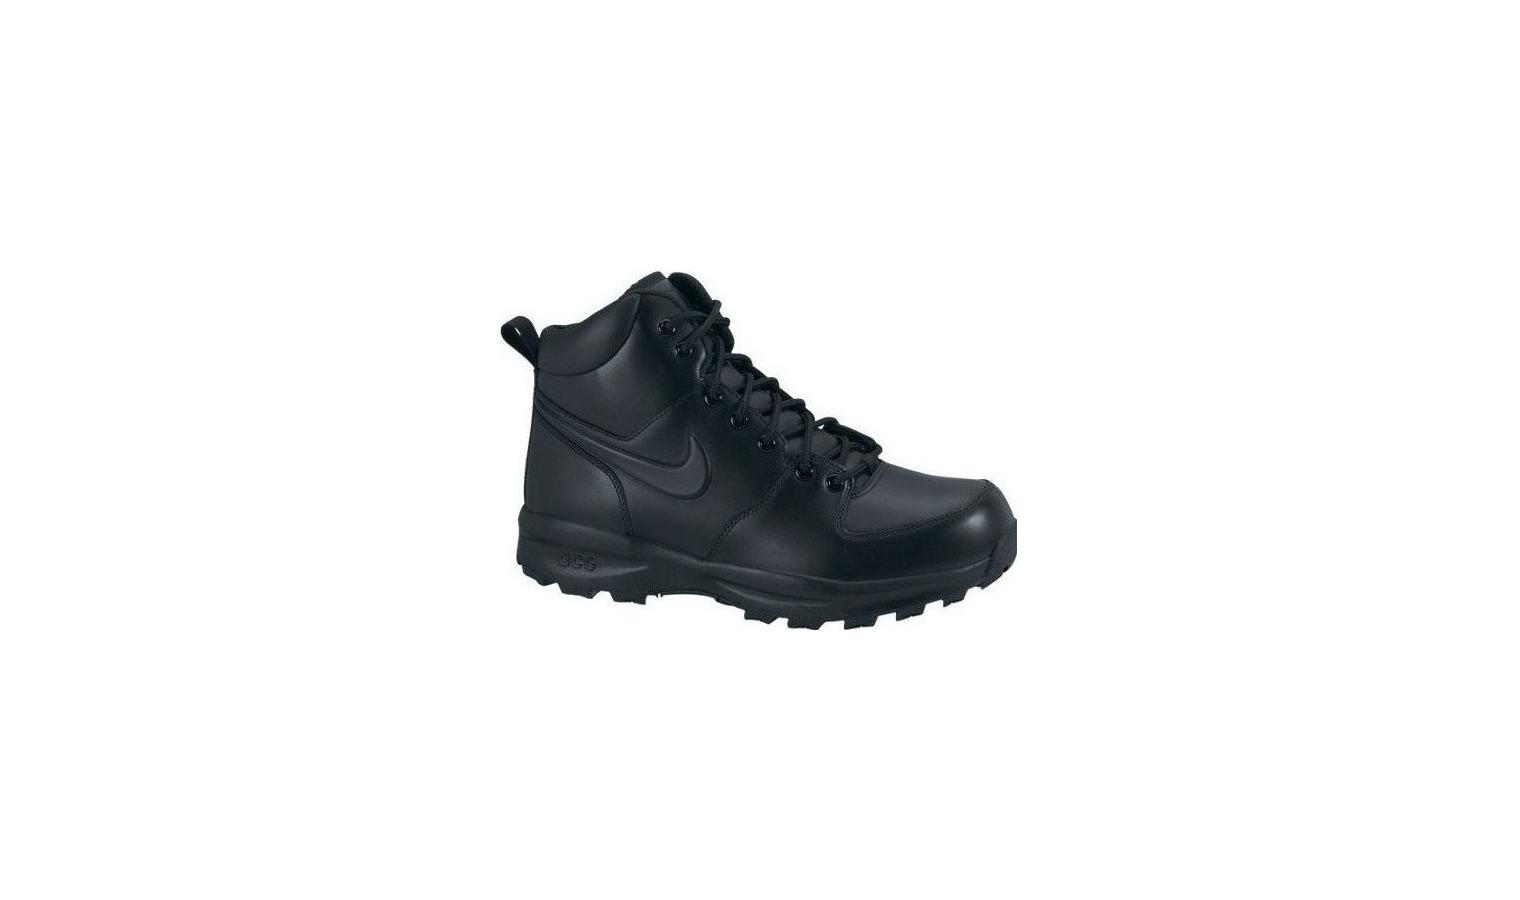 Pánske topánky Nike MANOA LEATHER čierne  3918a6f3f89